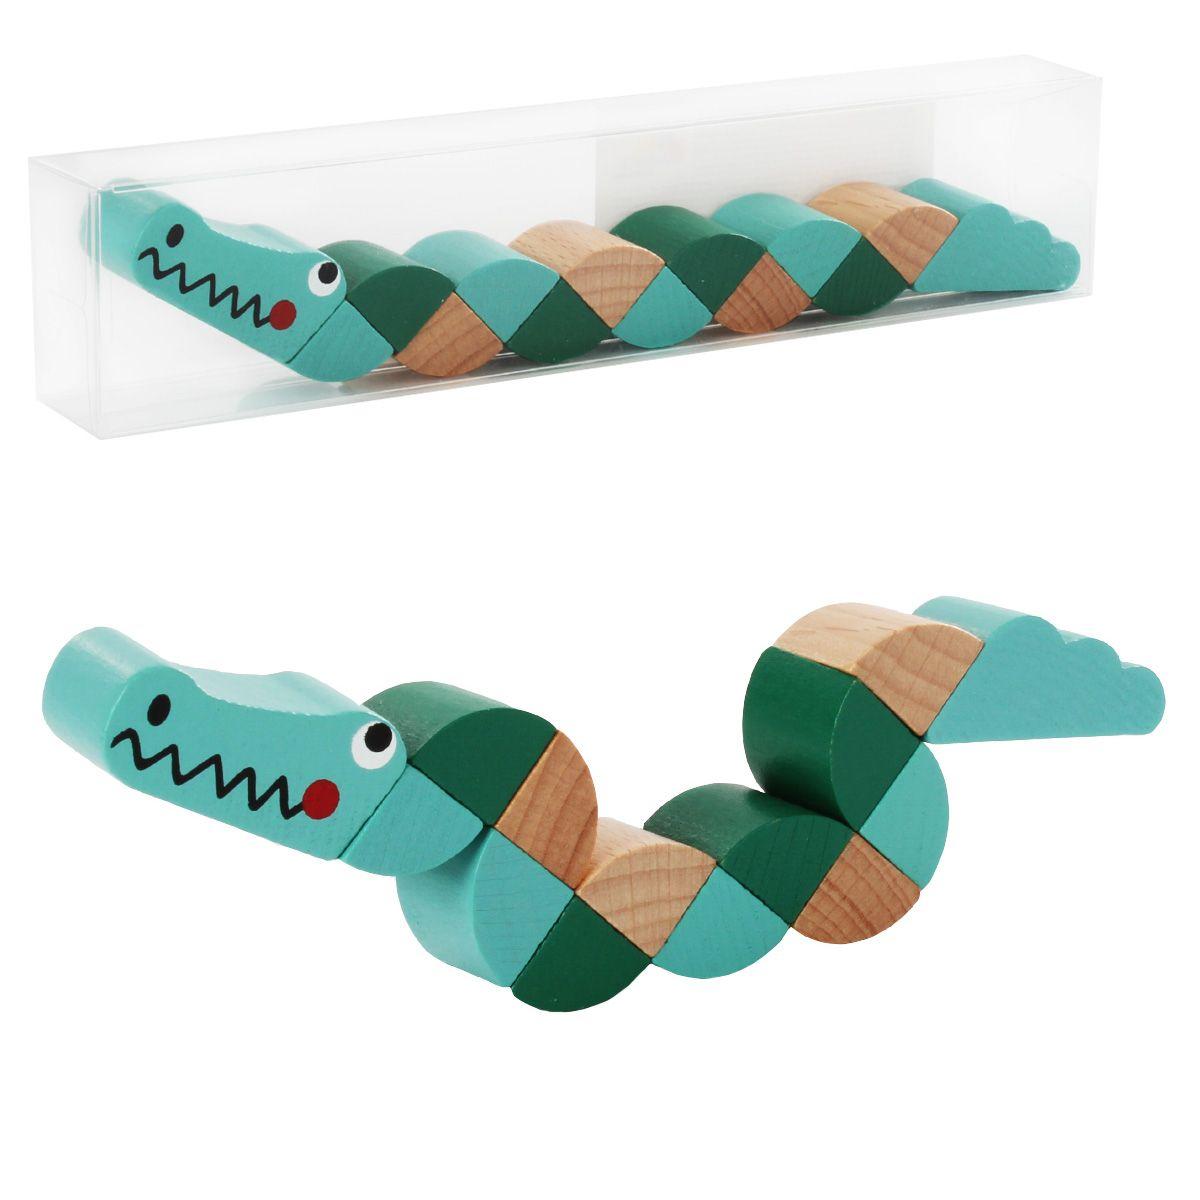 Деревянная игрушка Игра-змейка, 19.5*3.5*2см